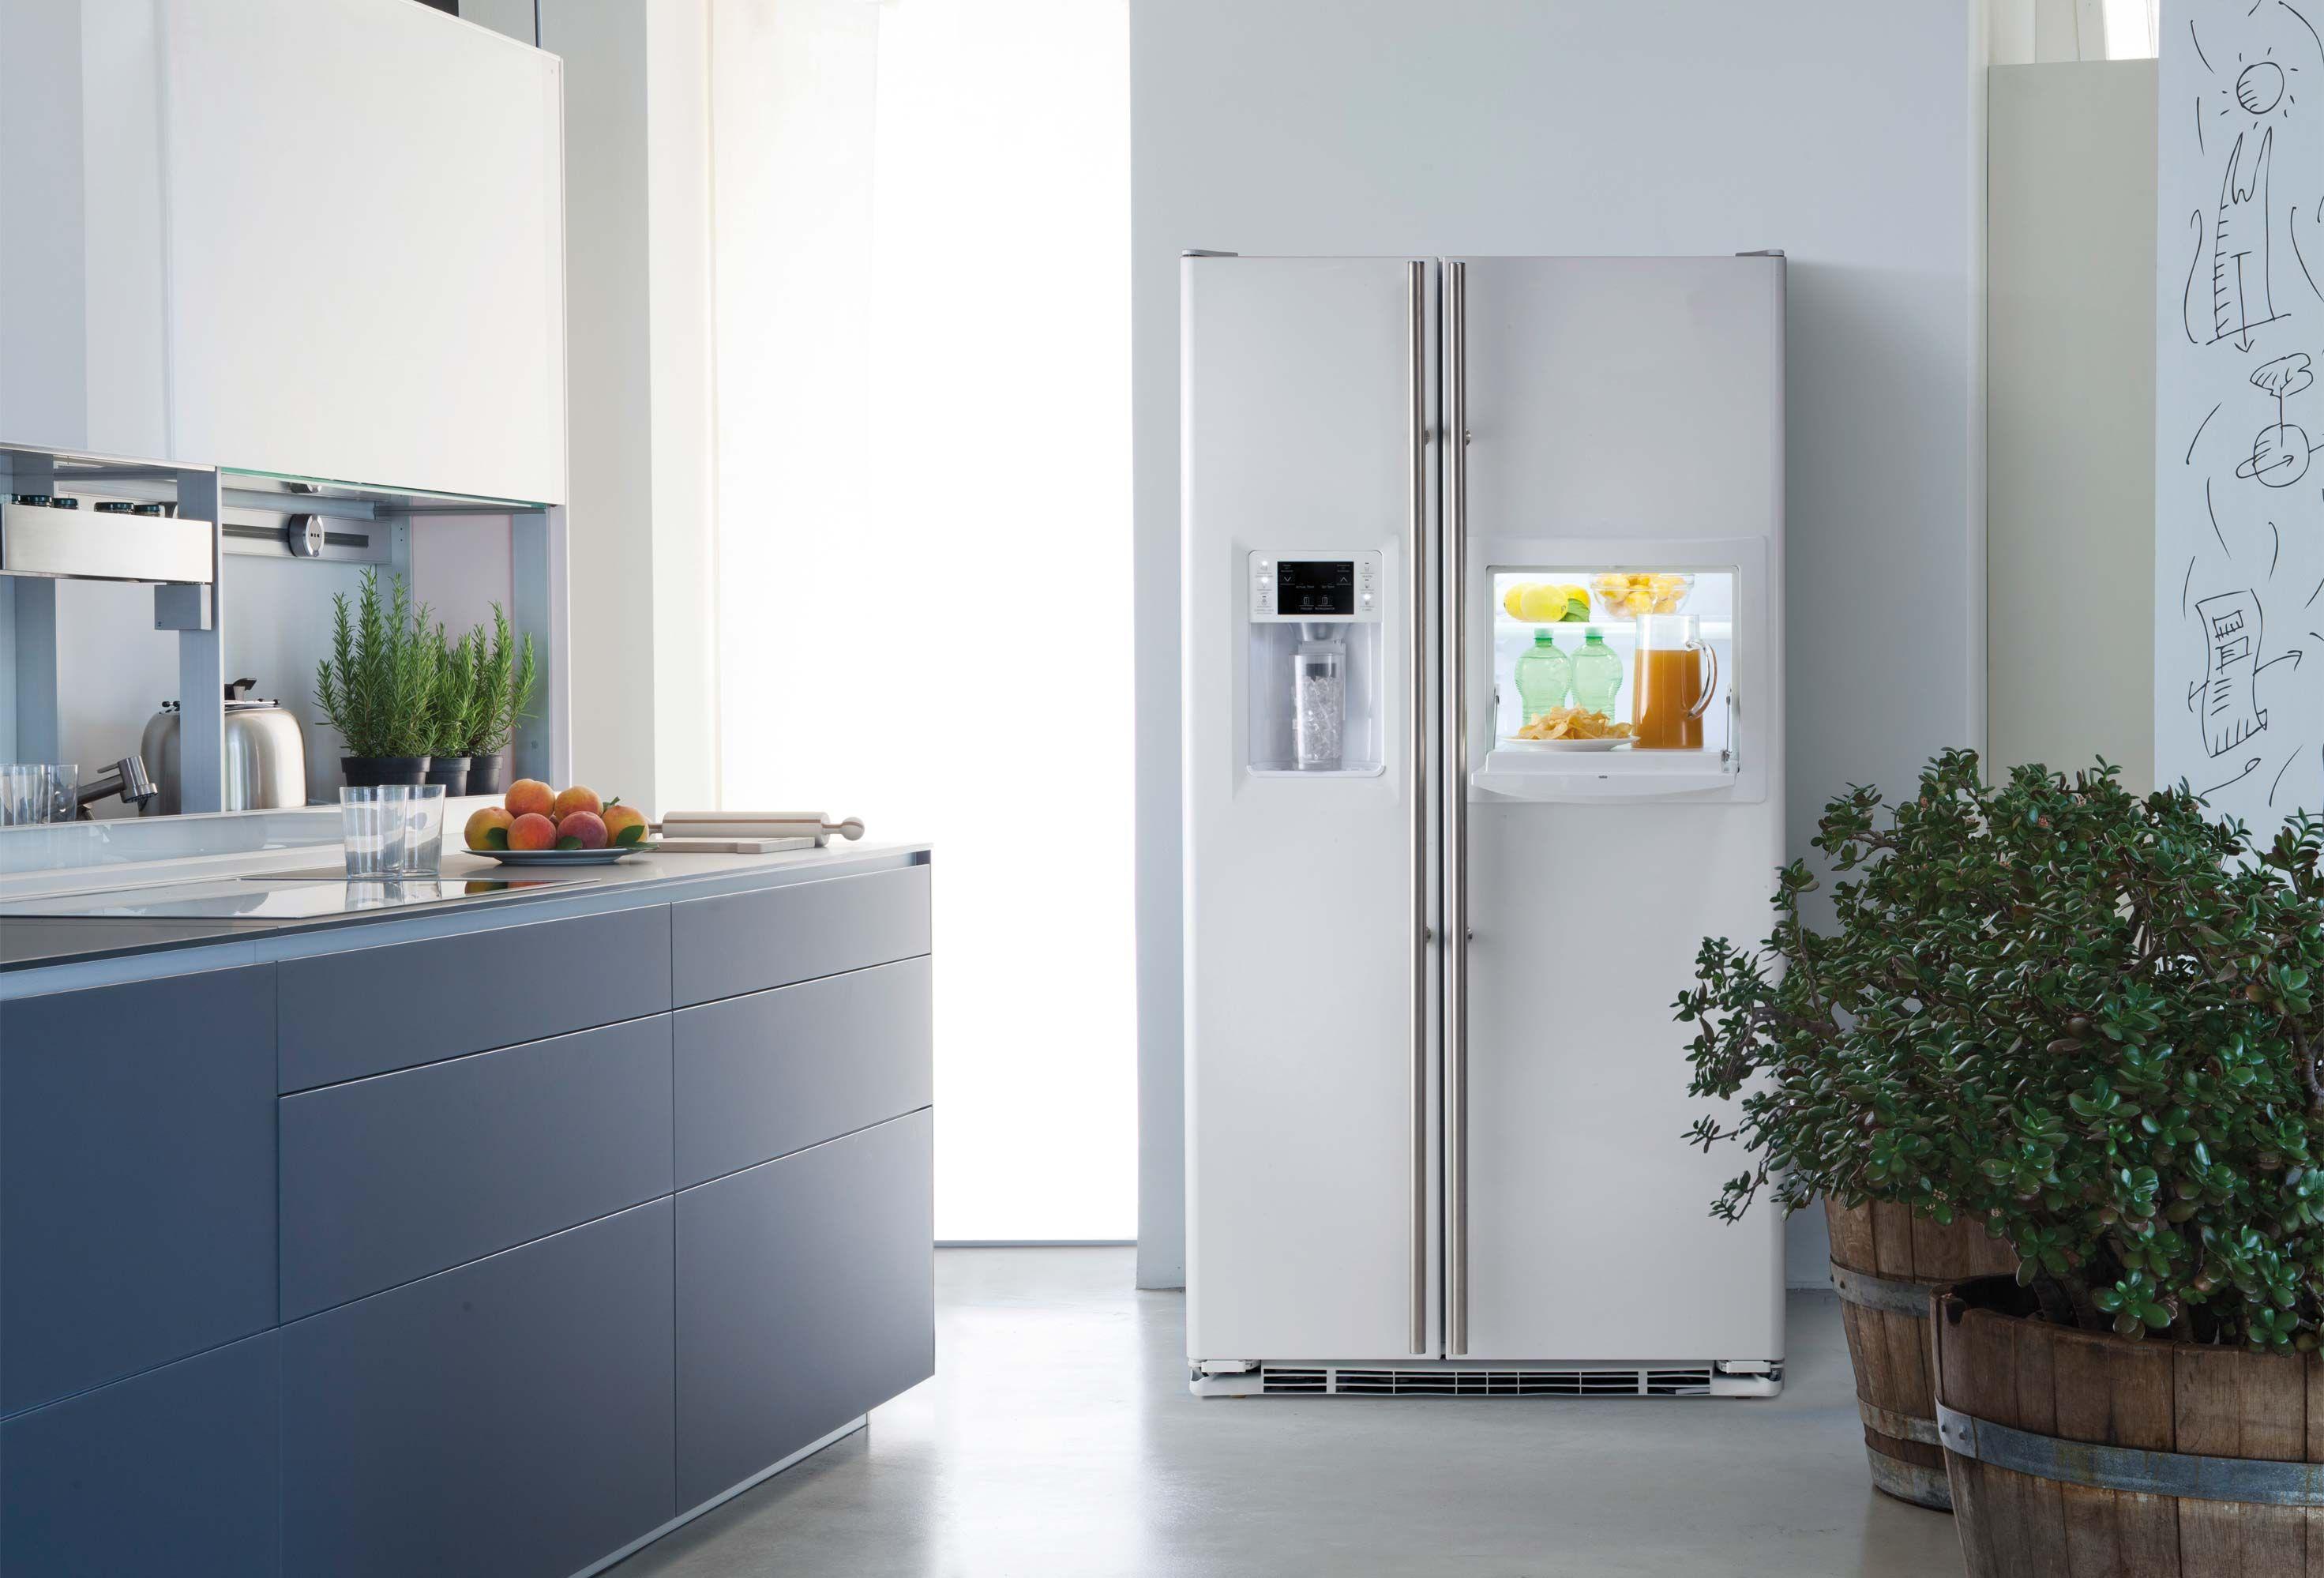 De RCE24KHBFWW Amerikaanse koelkast beschikt over een ijsdispenser ...